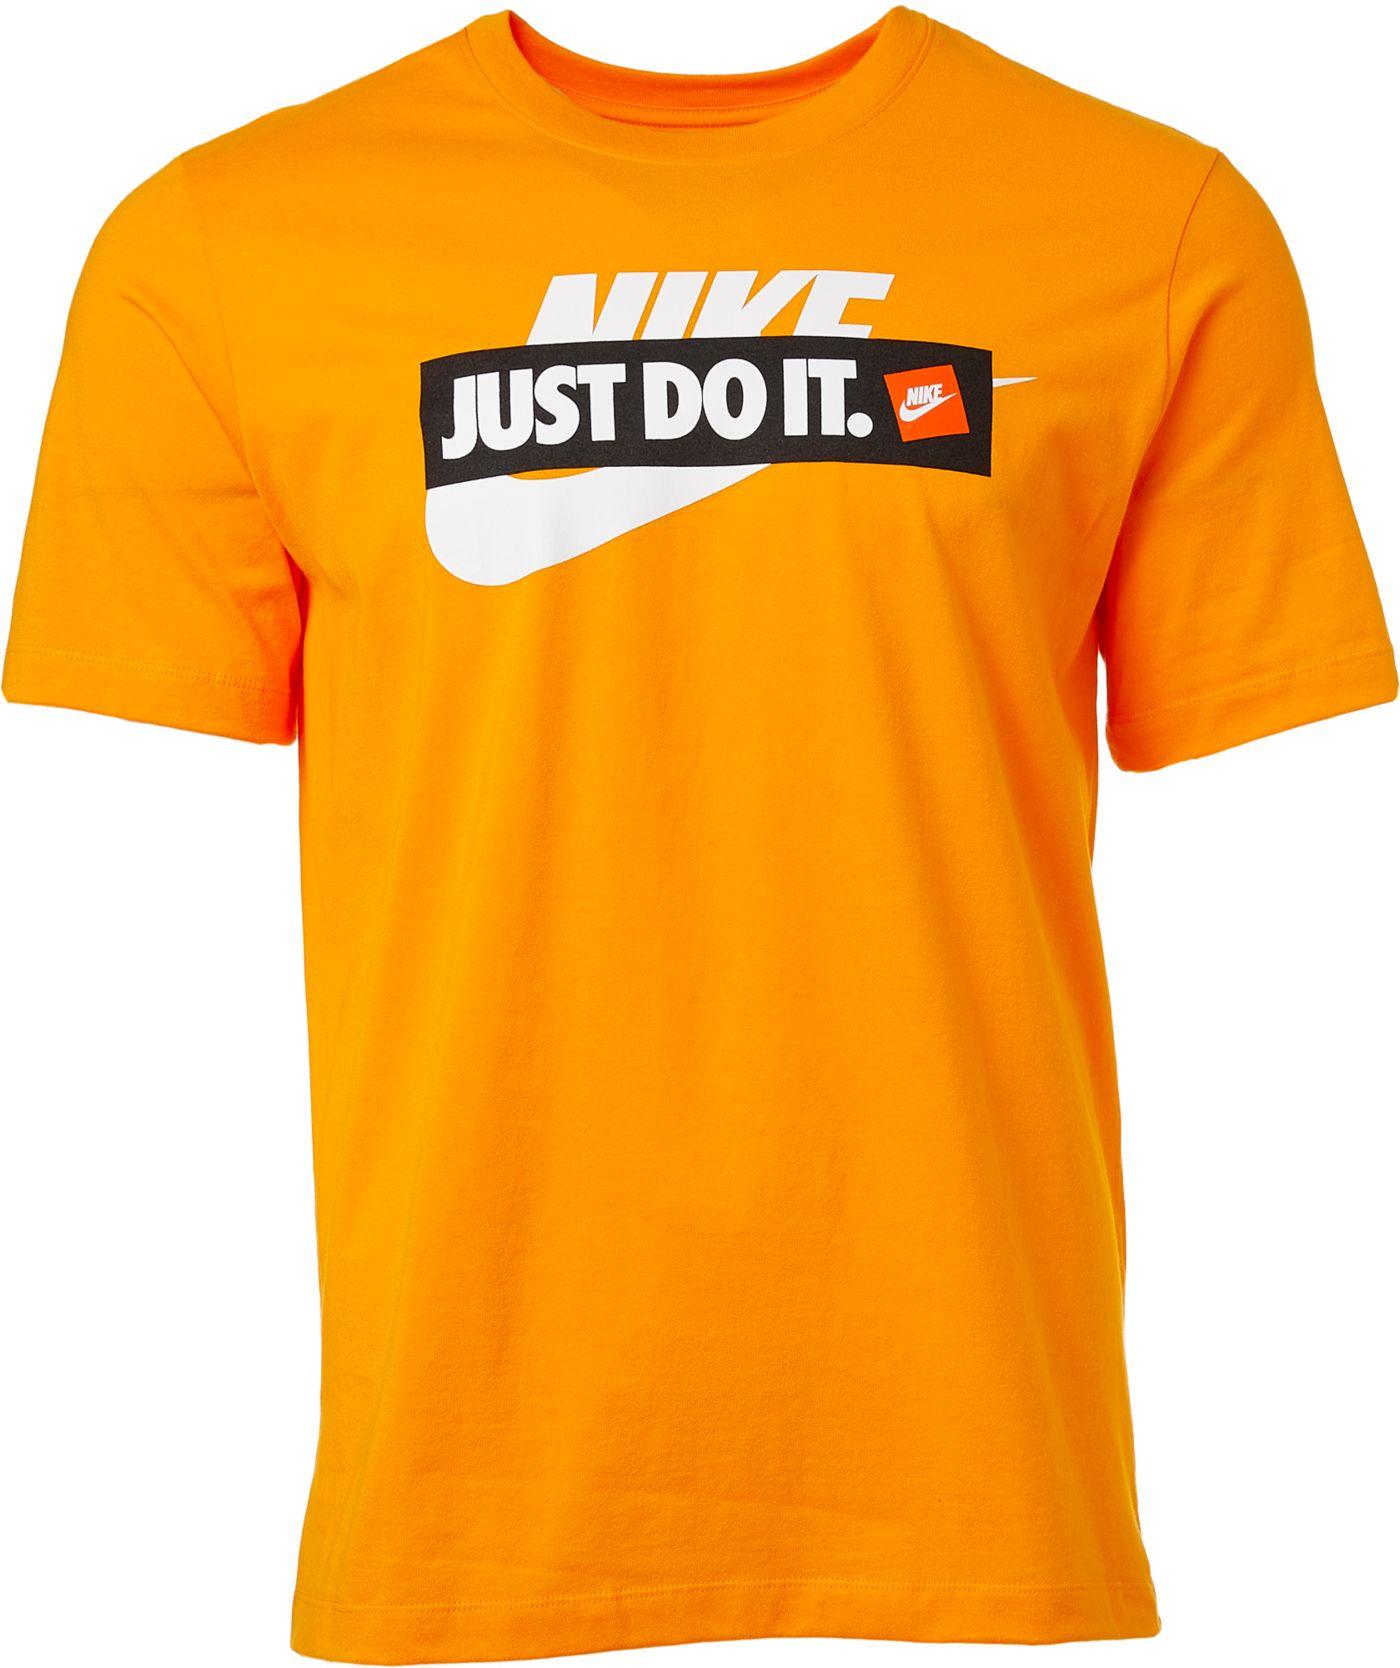 Nike Men's Sportswear Just Do It Graphic Tee